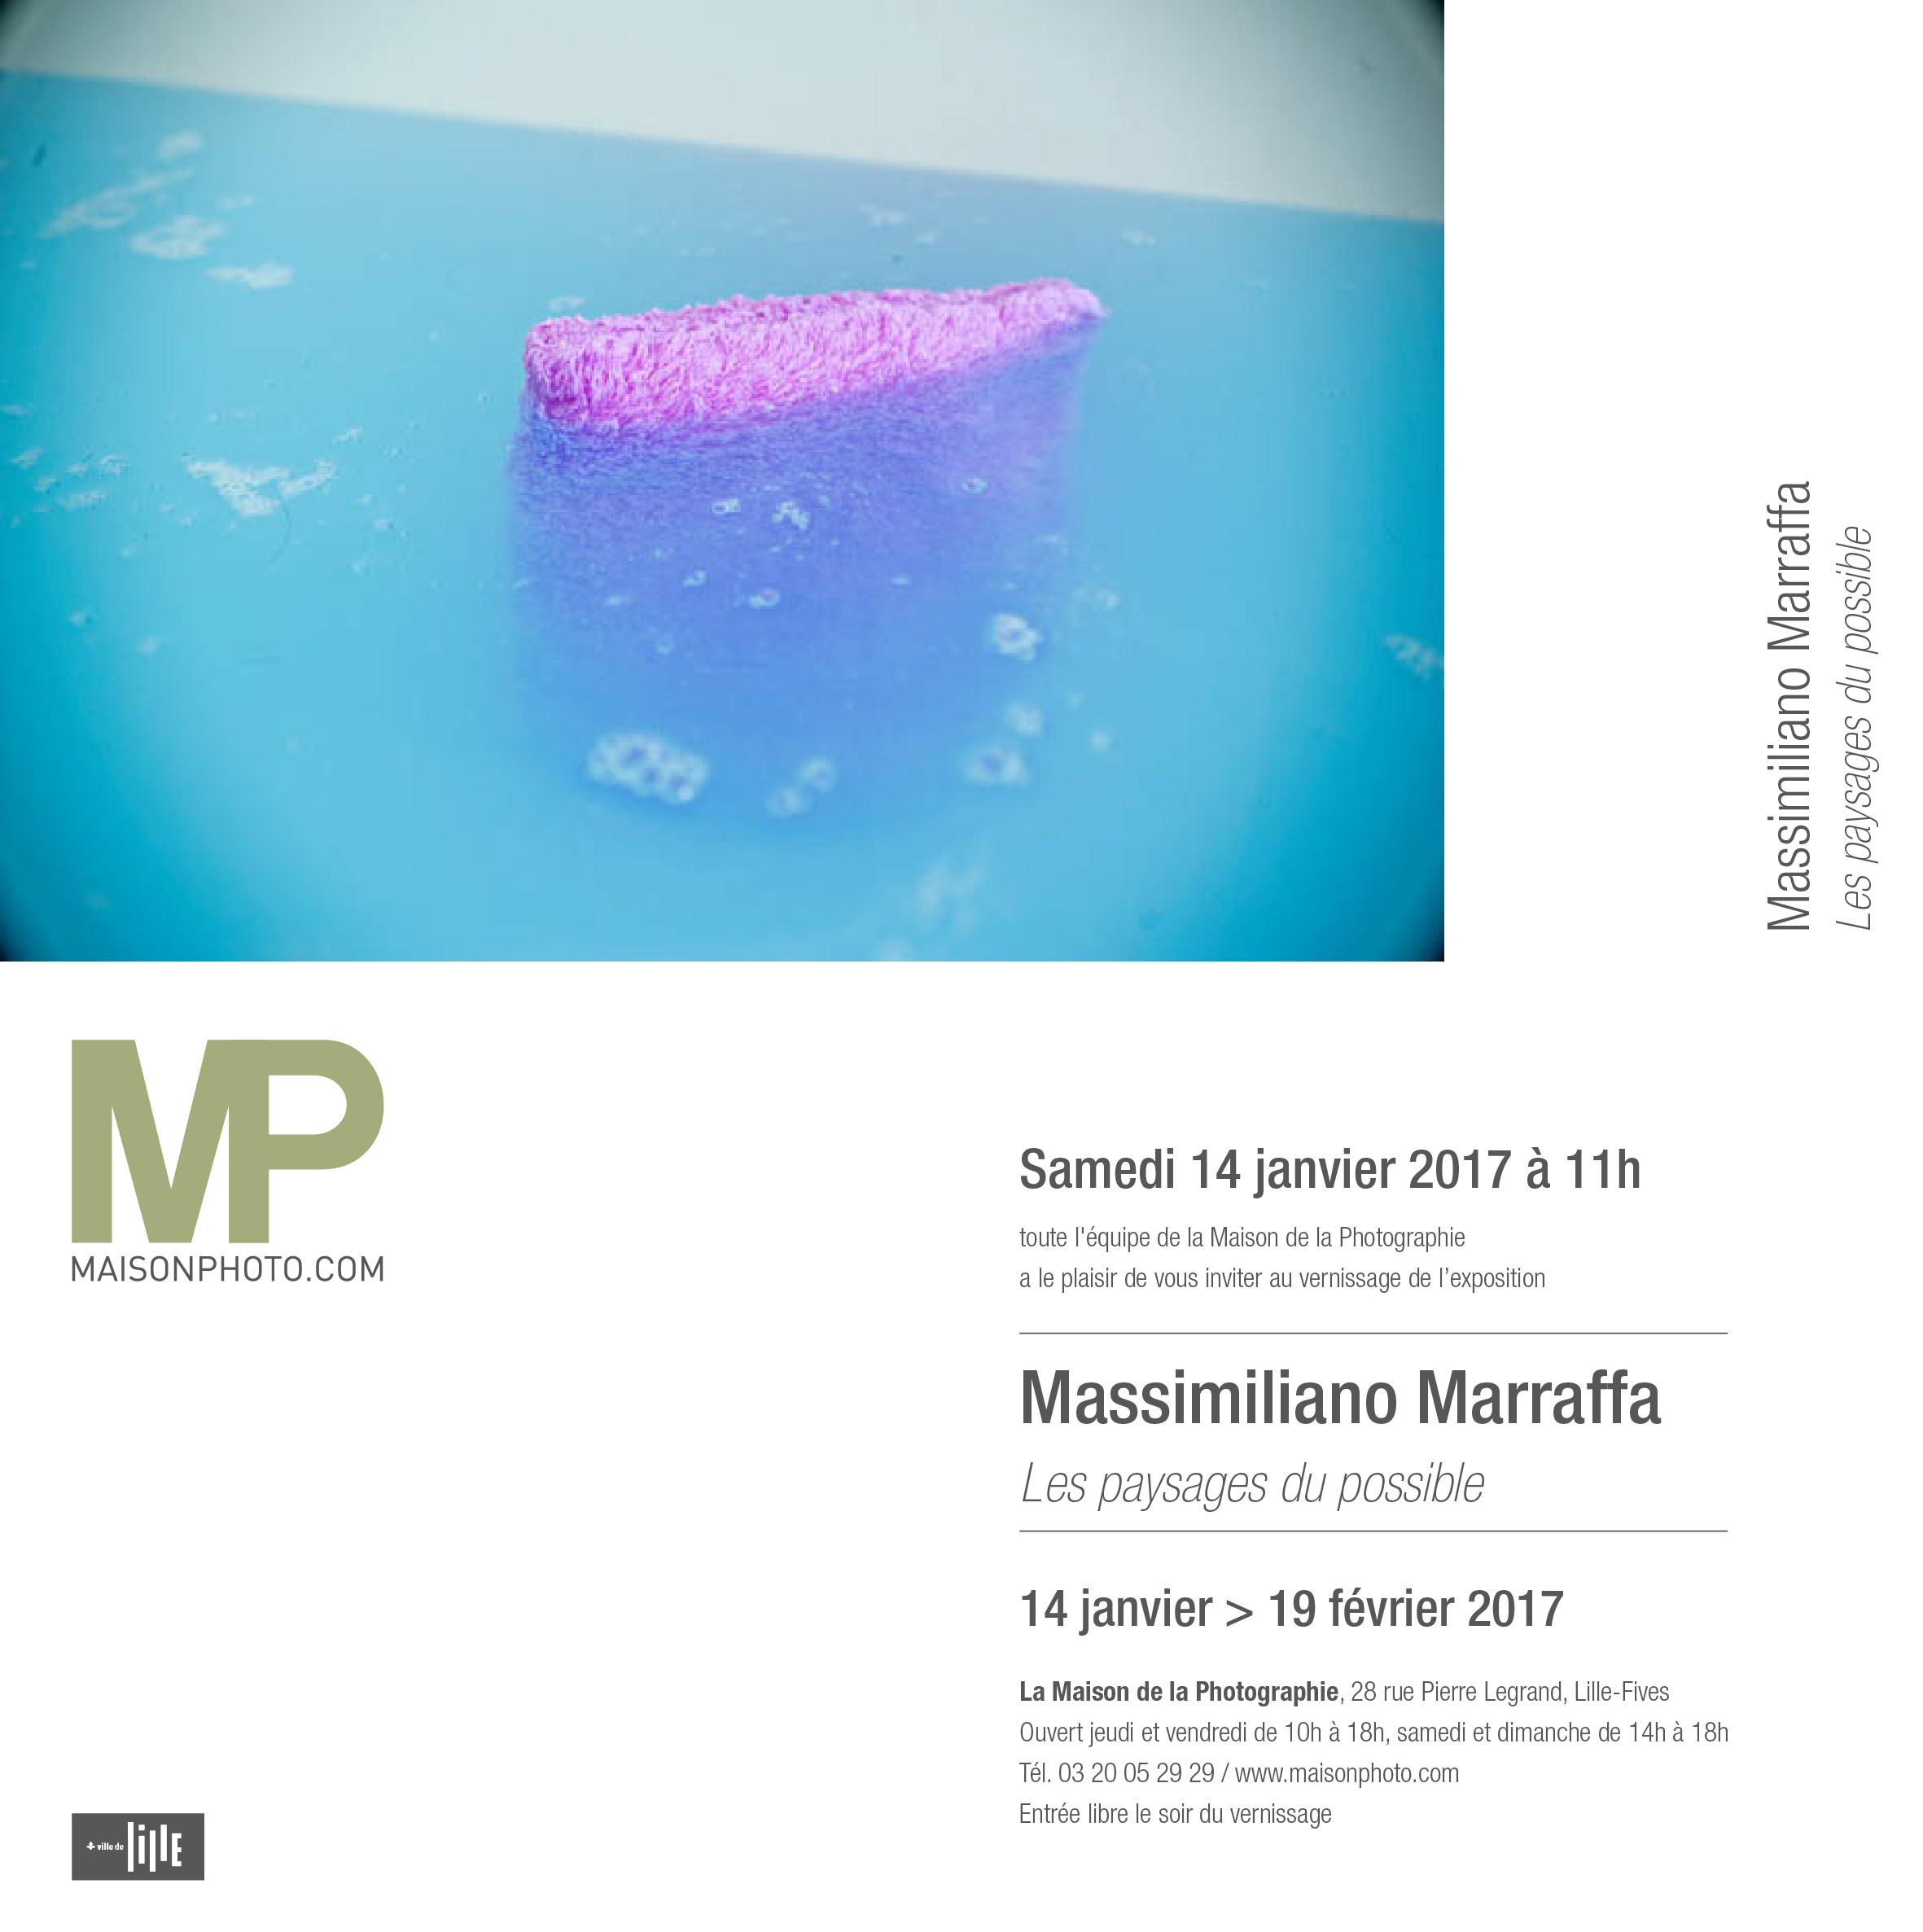 invit_massimiliano_marraffa